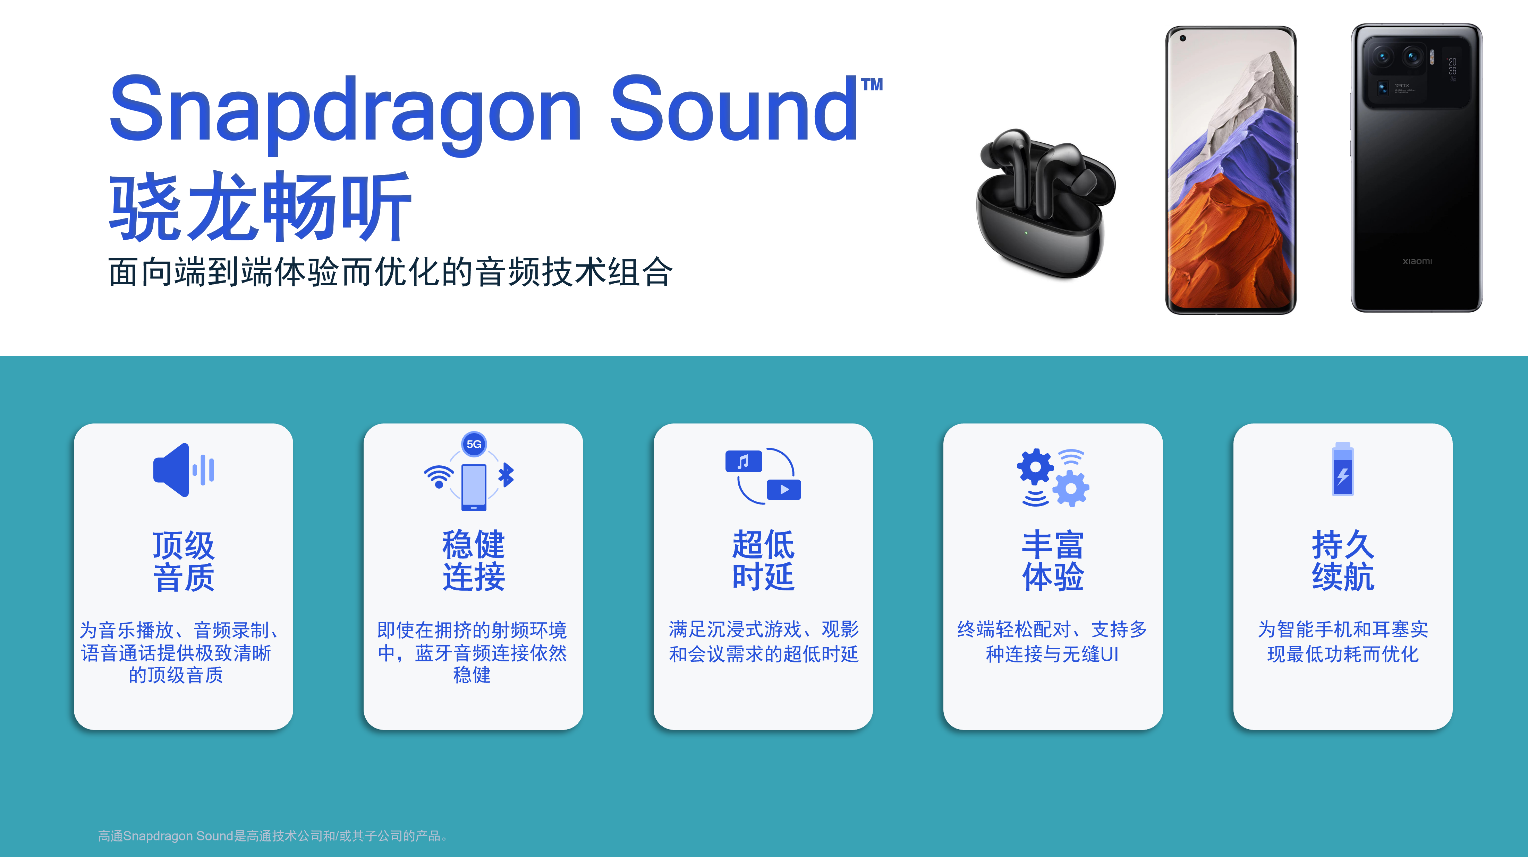 Snapdragon Sound骁龙畅听技术支持小米智能手机及耳机